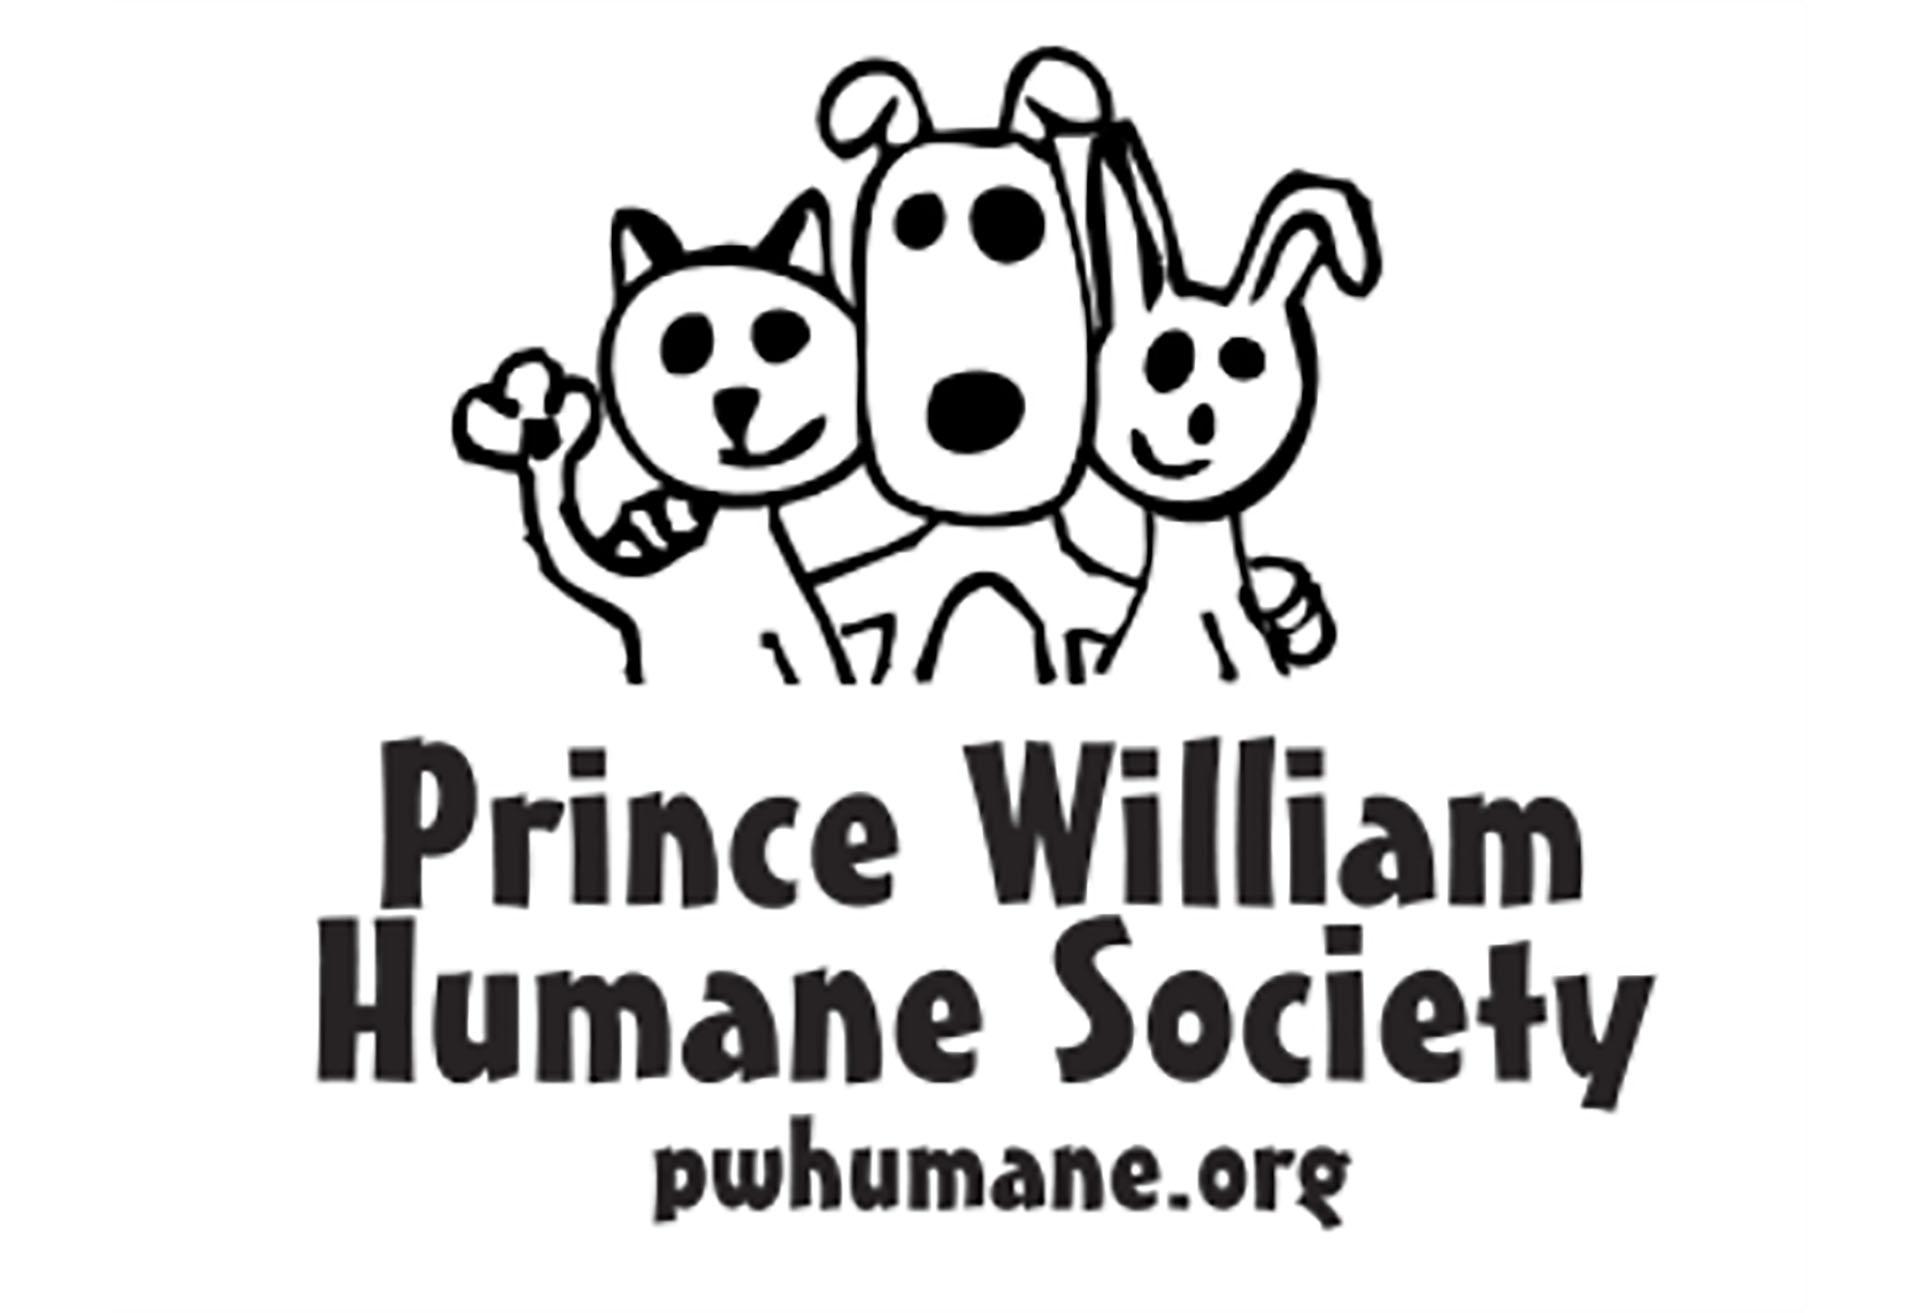 Prince William Humane Society awards $20K in grants